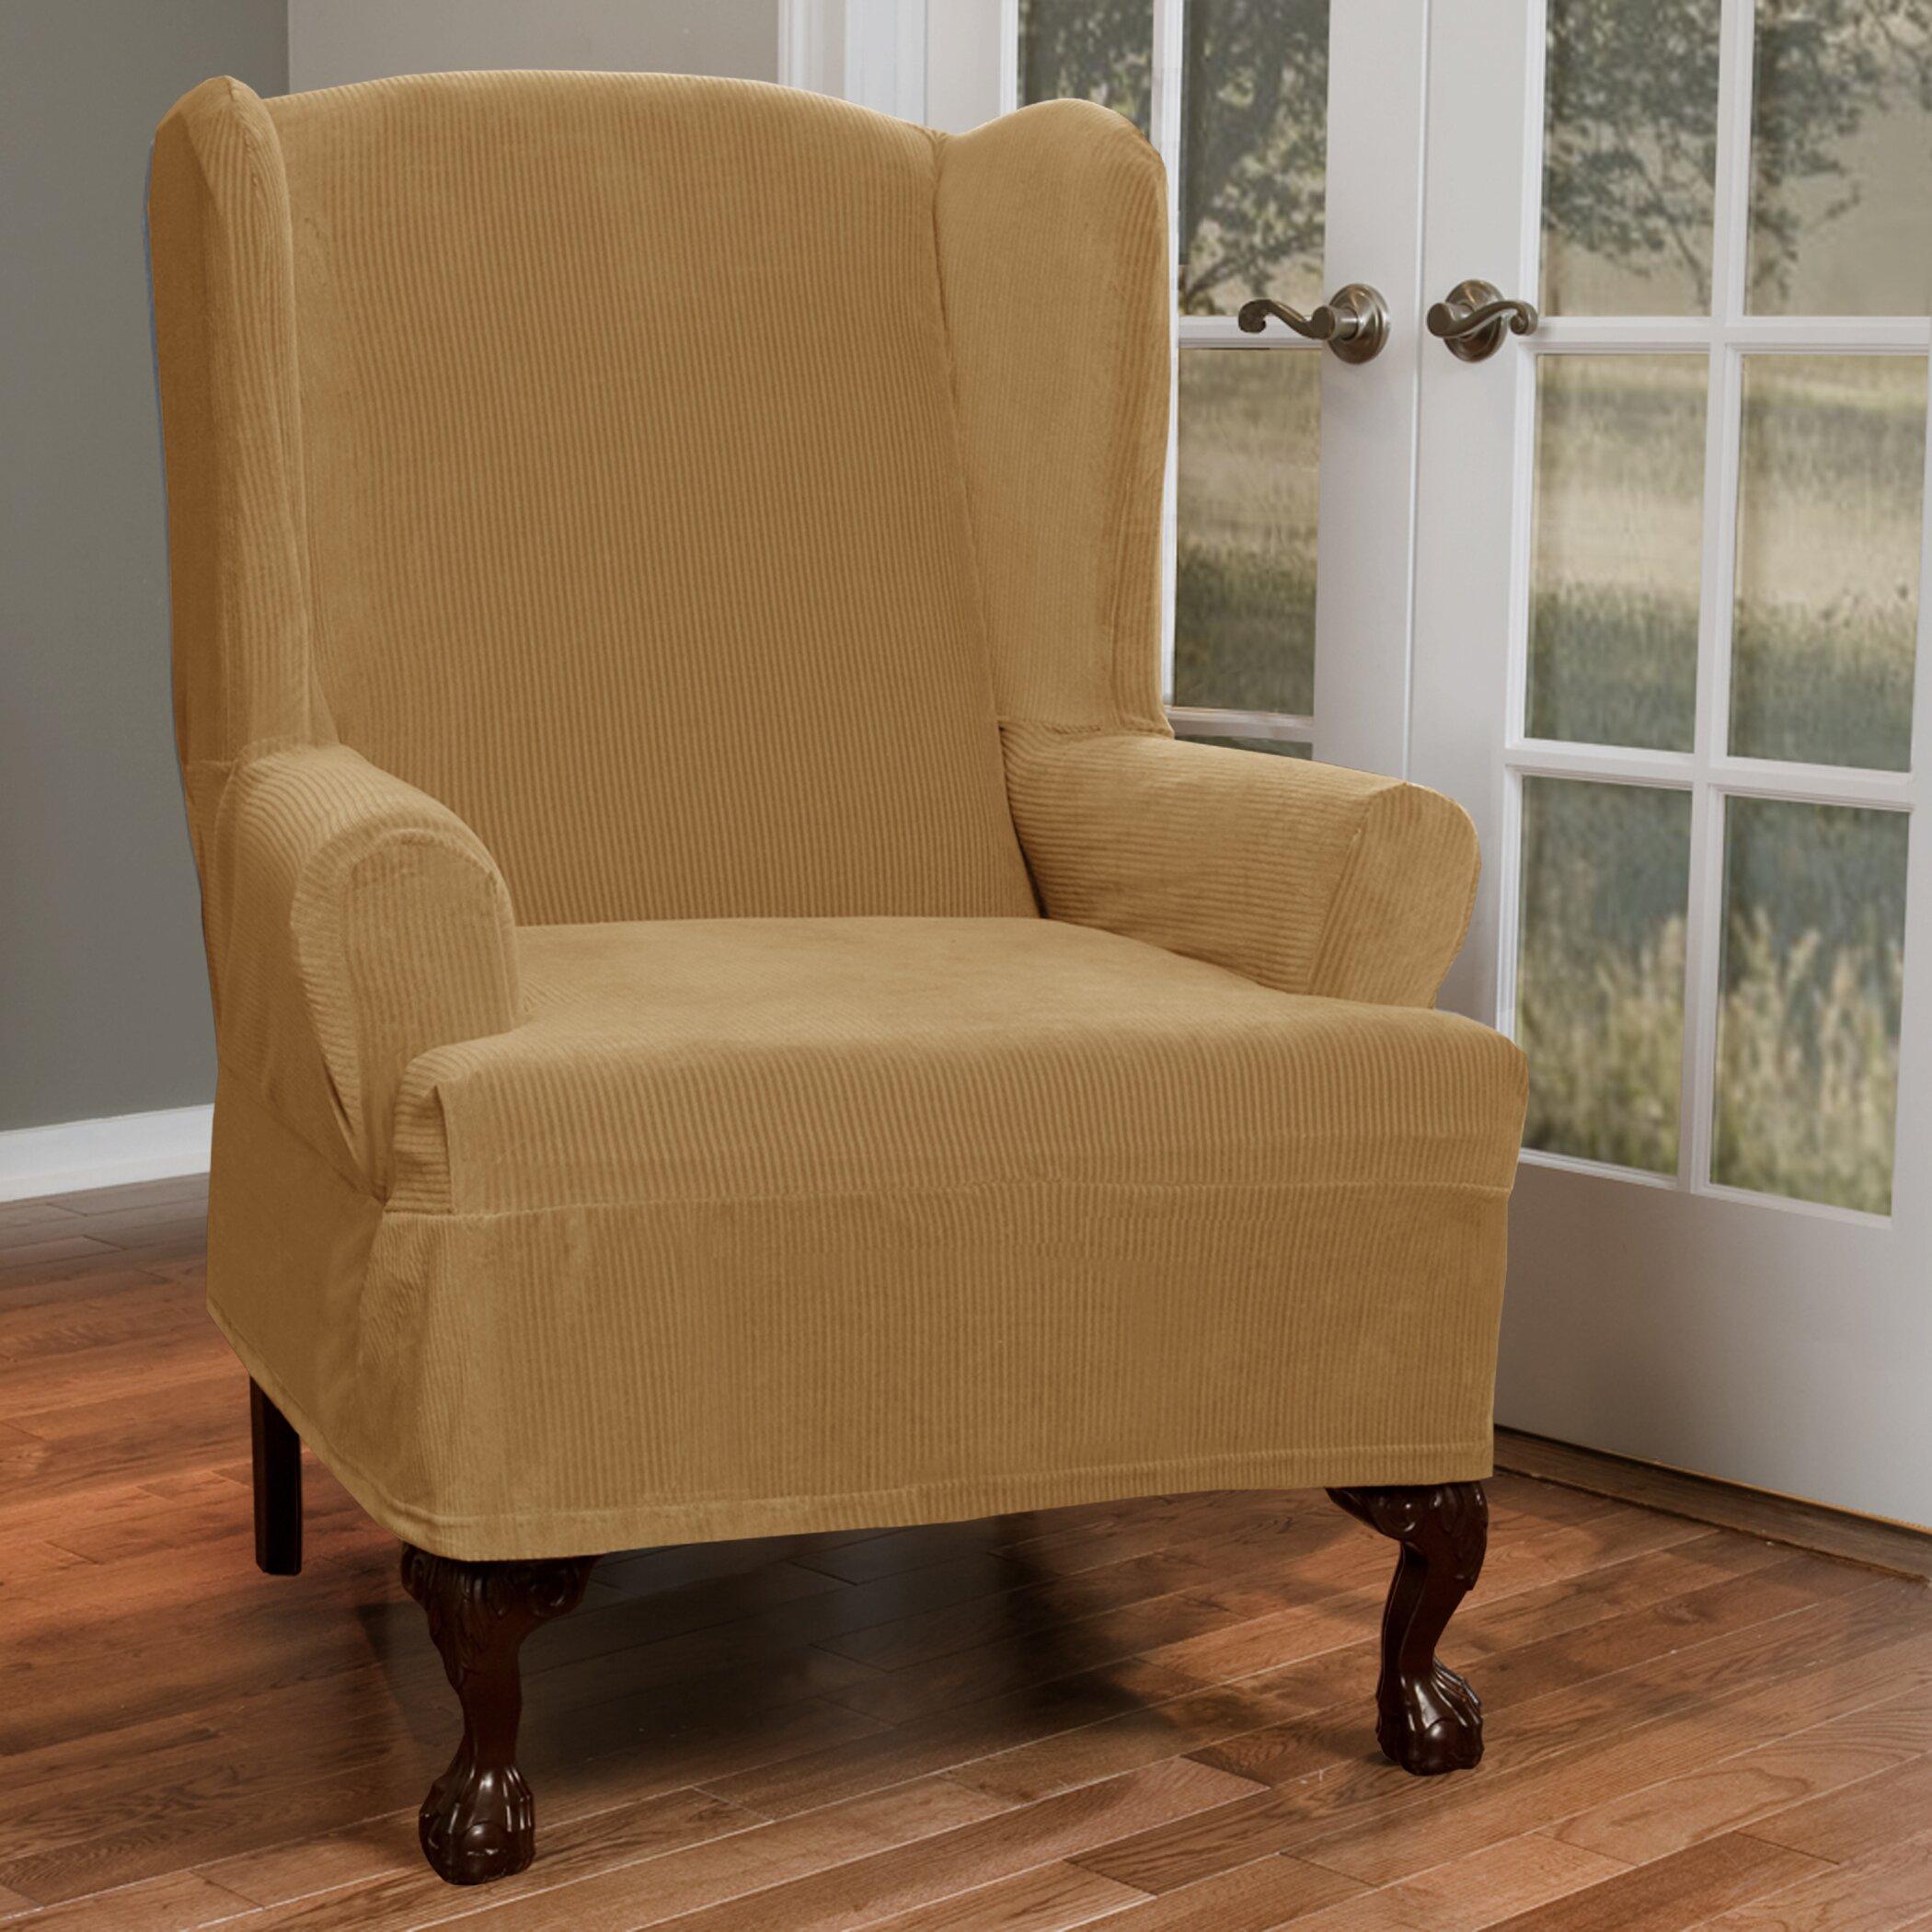 Maytex Collin Stretch T Cushion